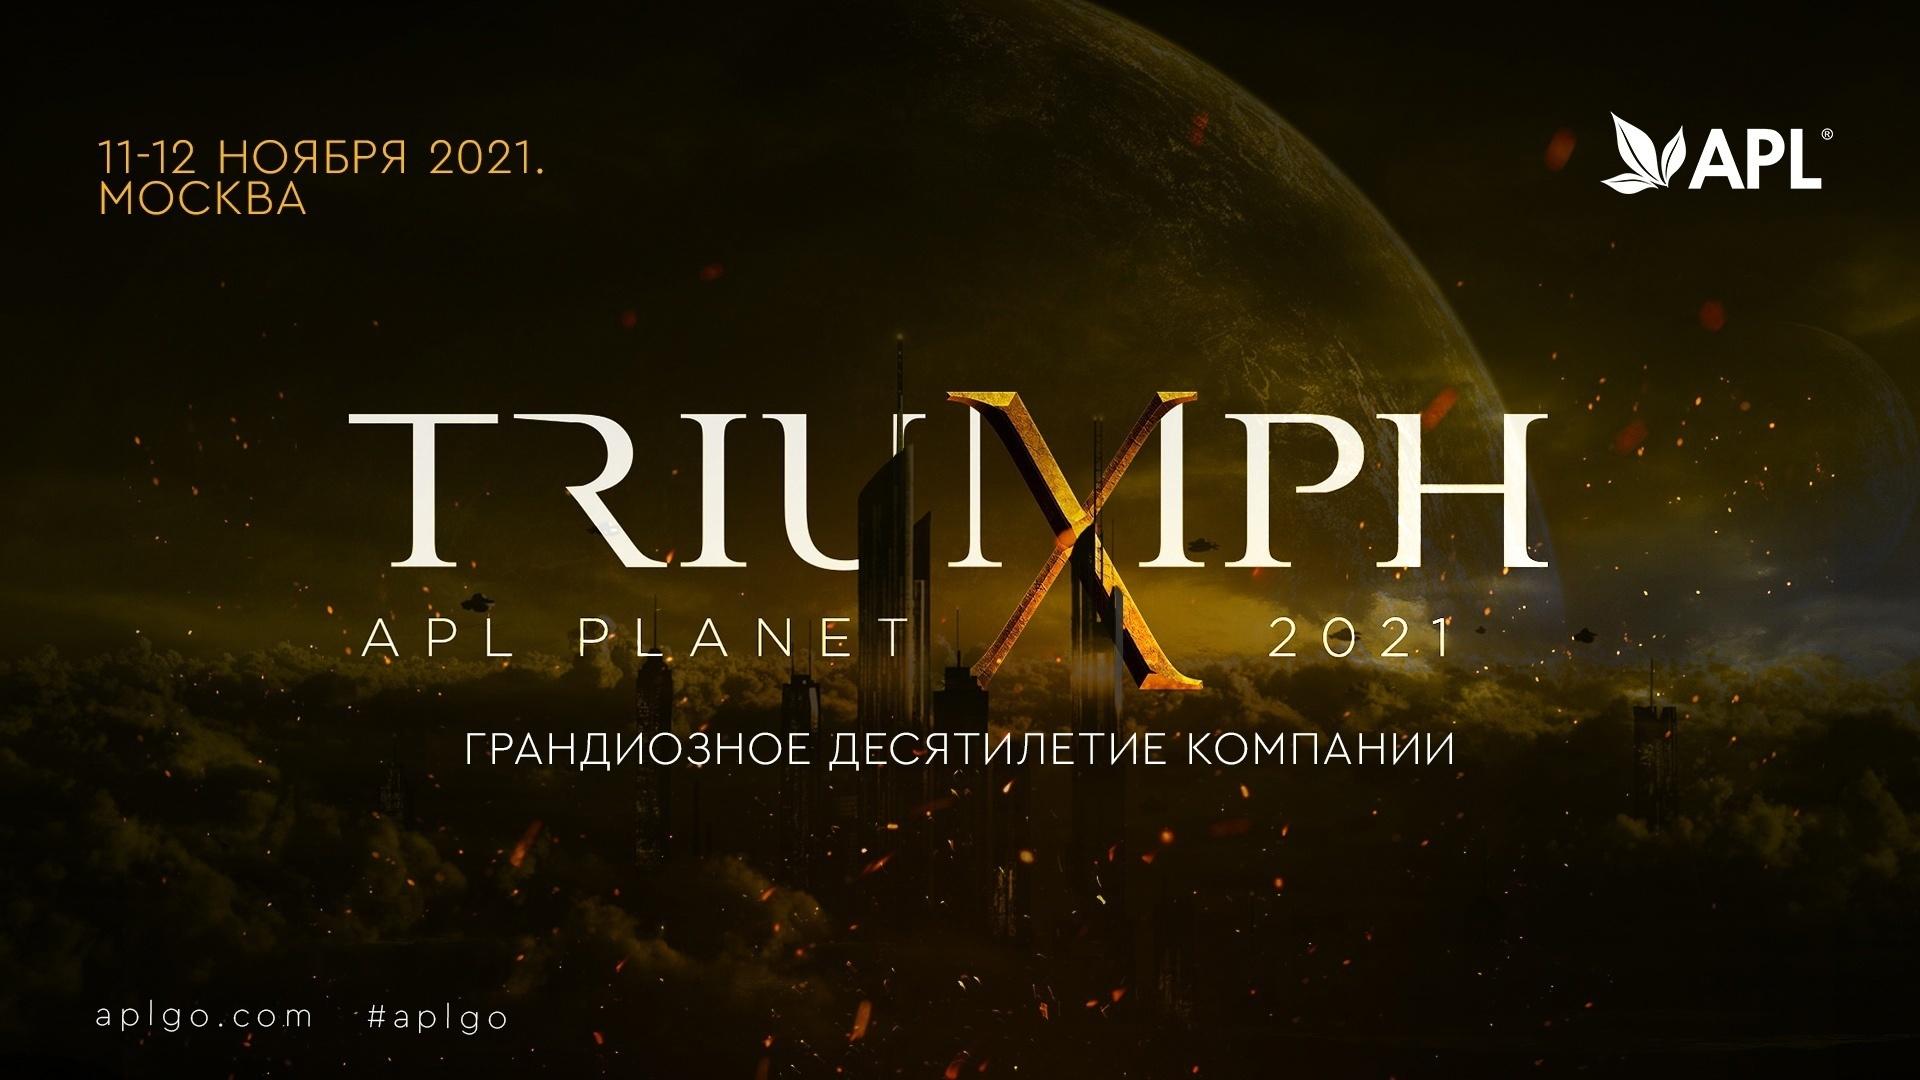 APL PLANET 2021 TRIUMPH